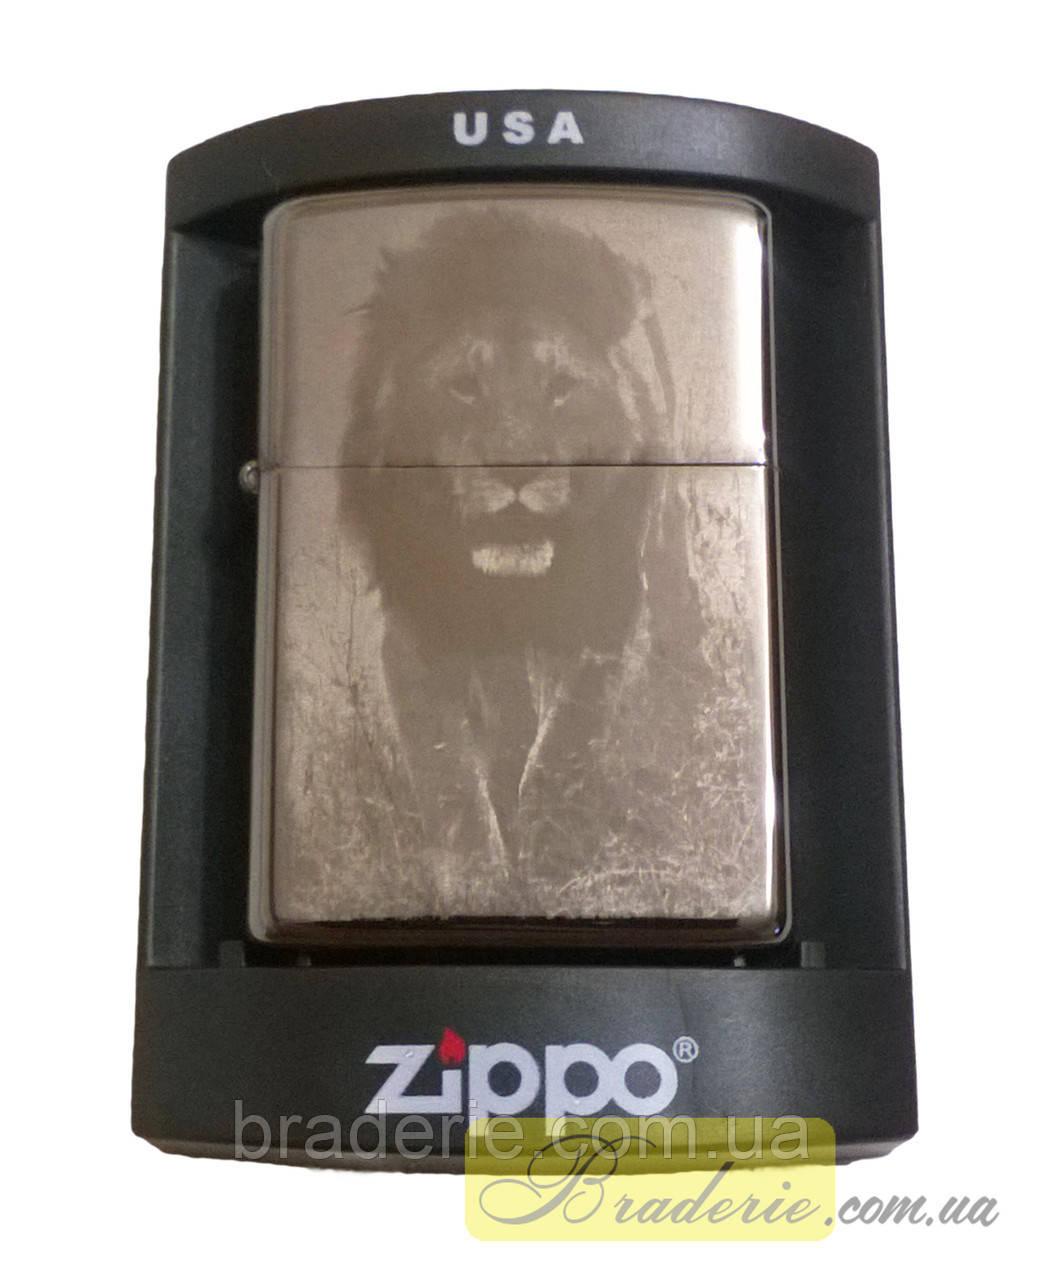 Зажигалка Zippo 4225-3 (копия)